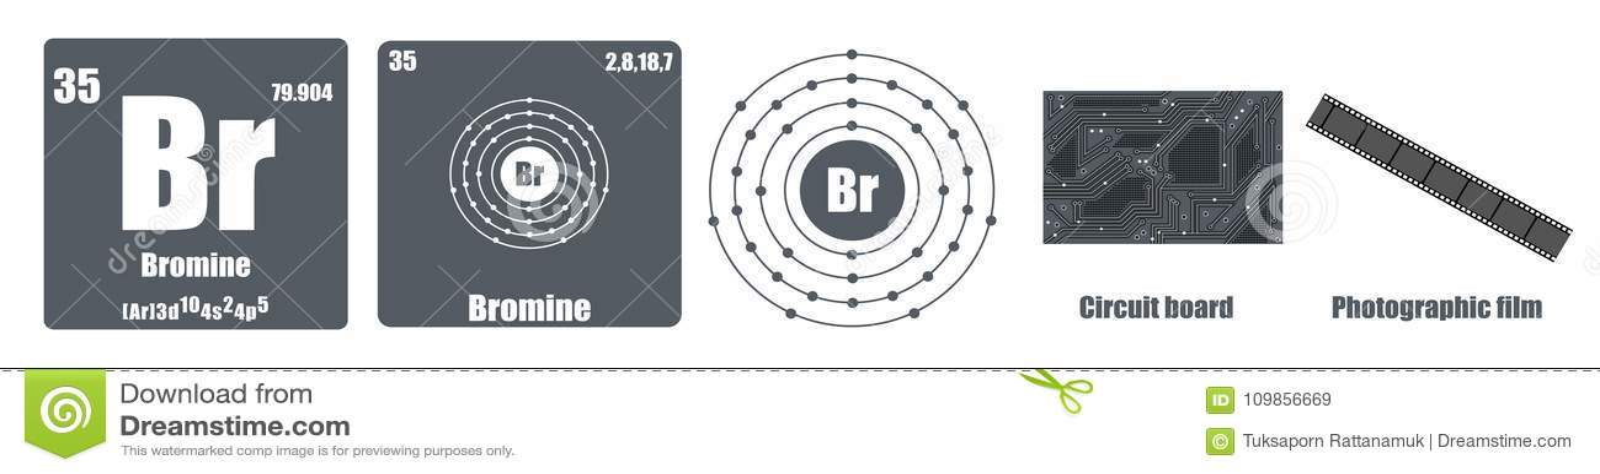 Tabla peridica de grupo del elemento vii el bromo de los halgeno download tabla peridica de grupo del elemento vii el bromo de los halgeno stock de ilustracin urtaz Images